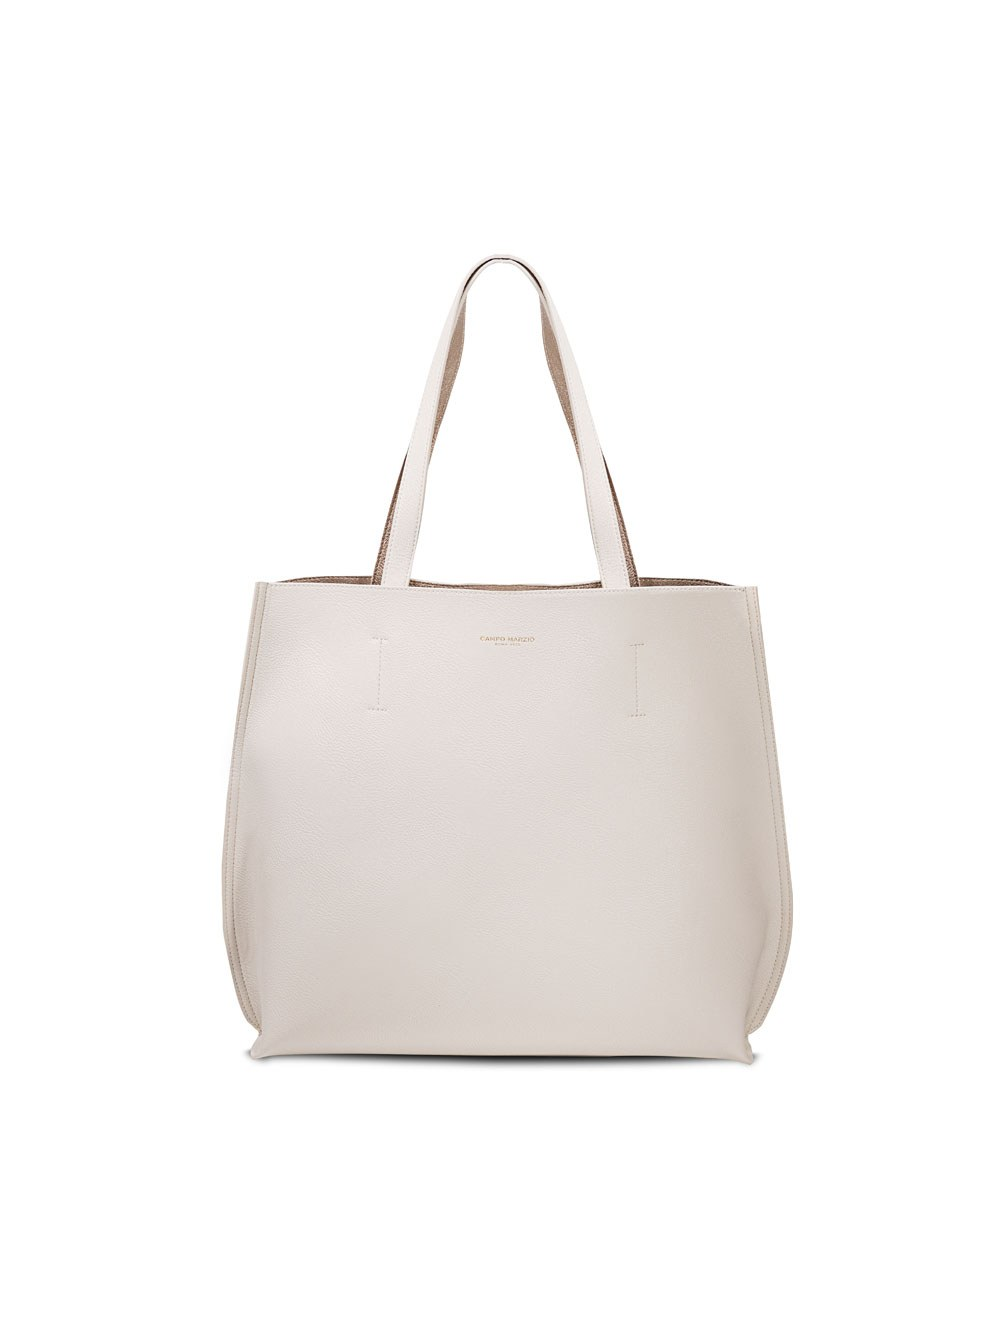 Double Tote Bag Midi - Off White